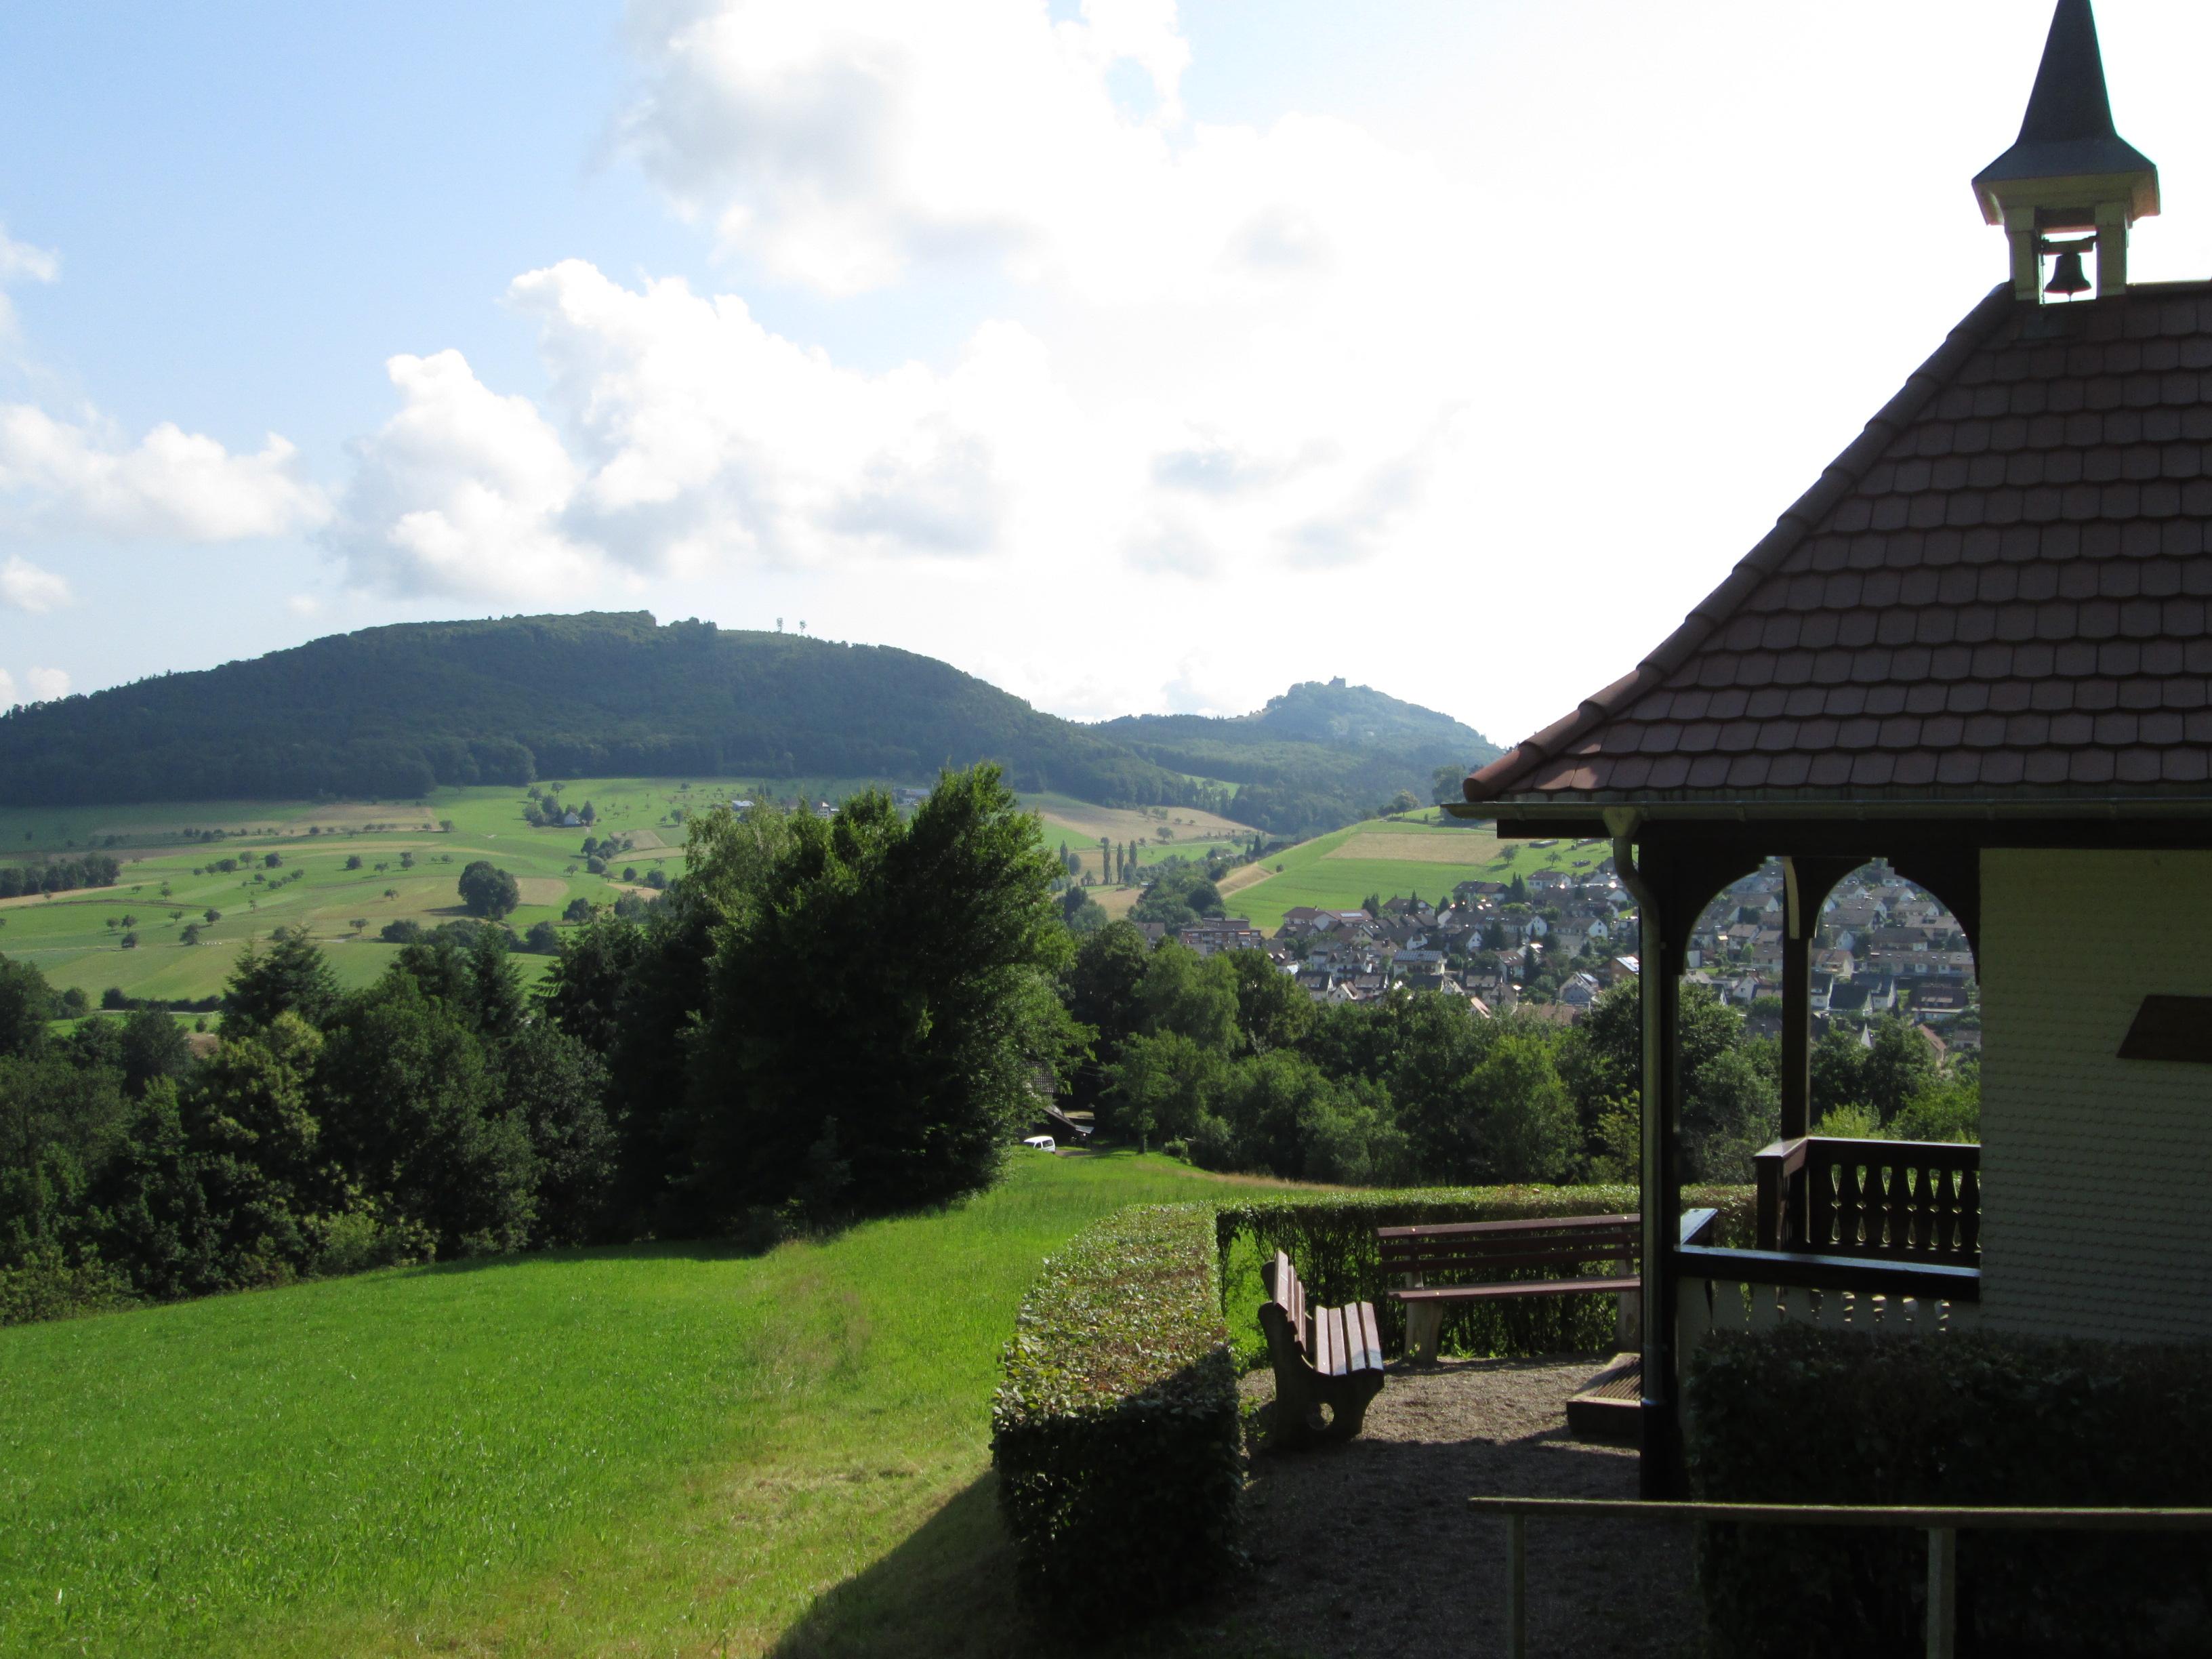 An der Konradskapelle in Seelbach, im Hintergrund die Burg Hohengeroldseck